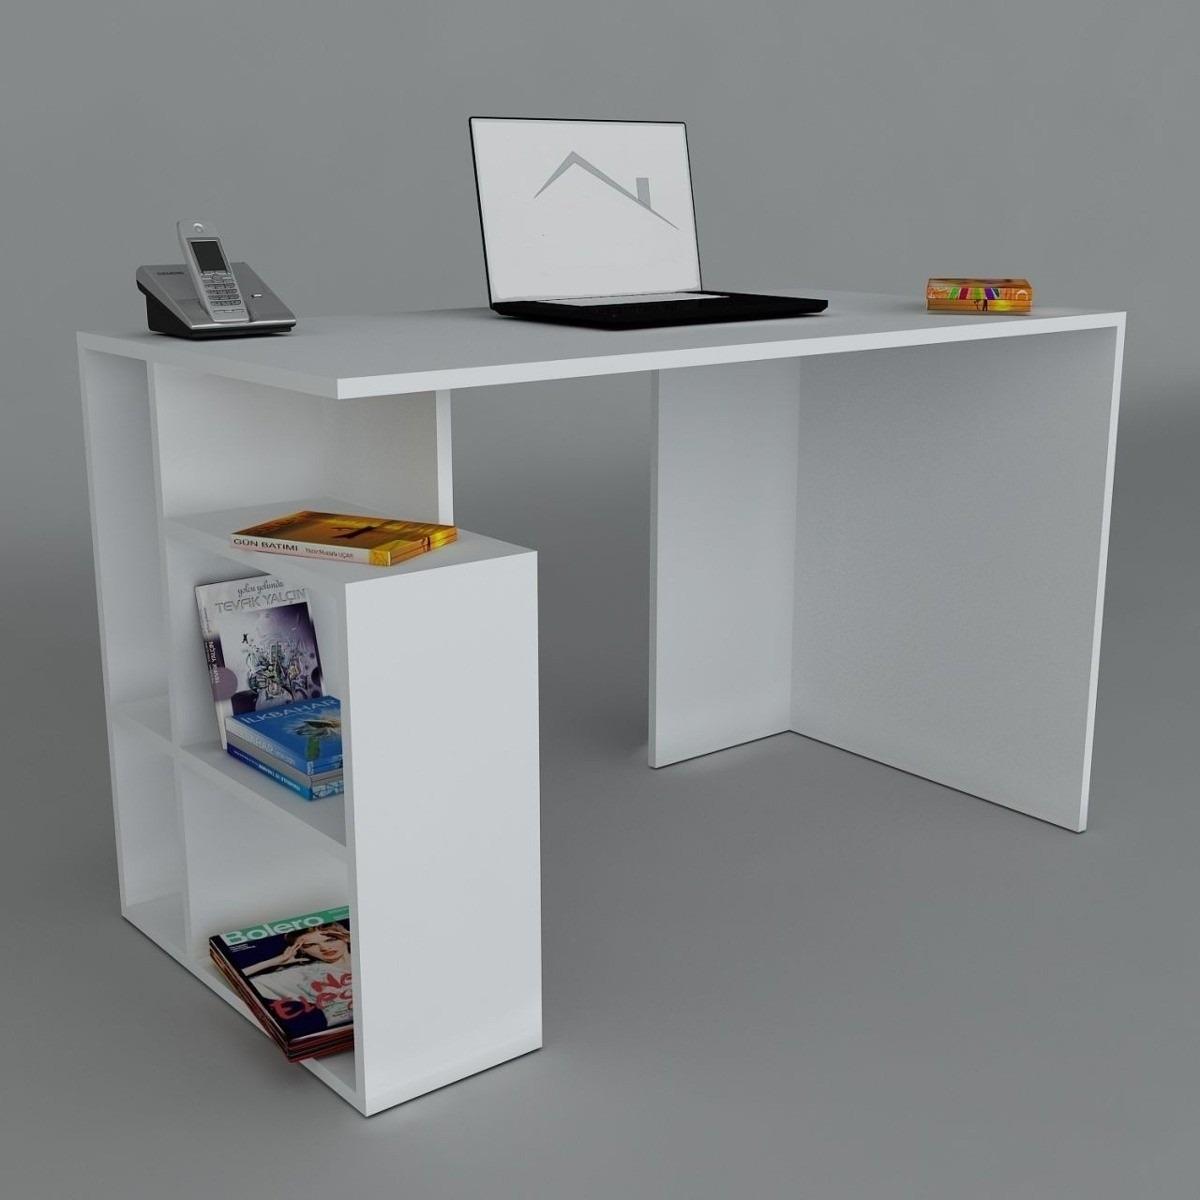 Escritorios modernos minimalistas de alta gama decoracion for Muebles para oficina estilo minimalista